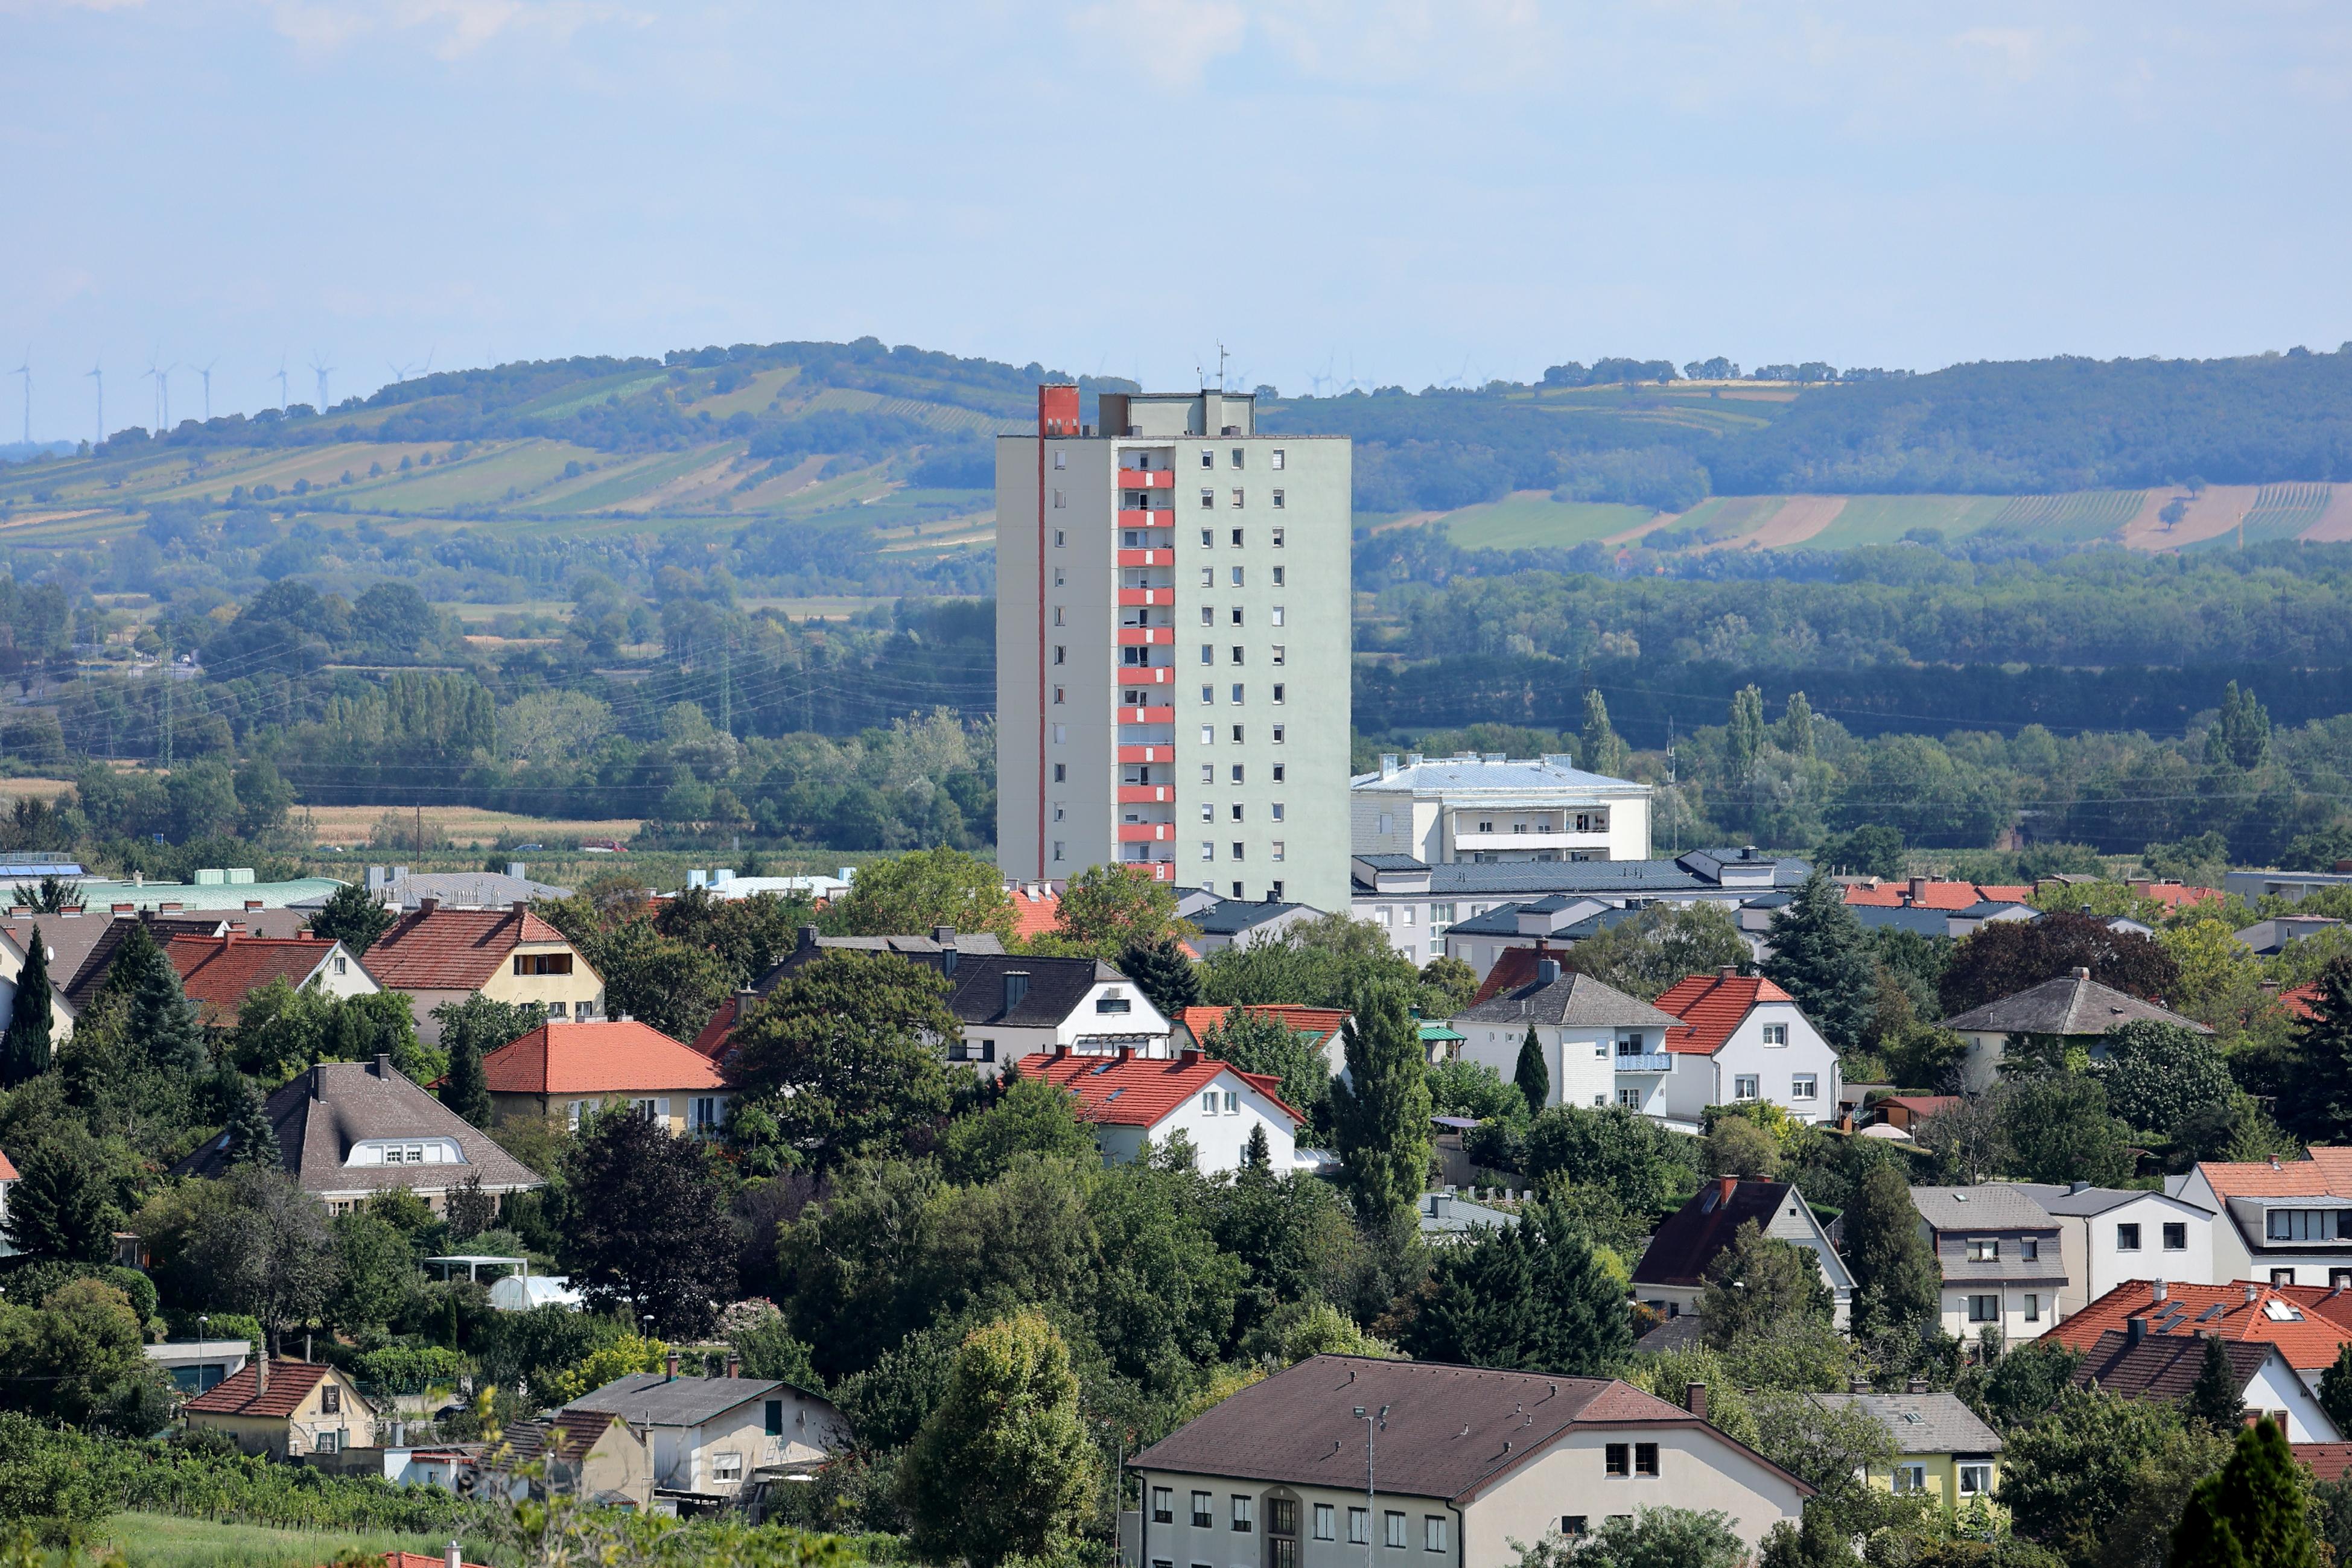 Eisenstadt-umgebung frau aus sucht mann - Dating seiten aus sankt